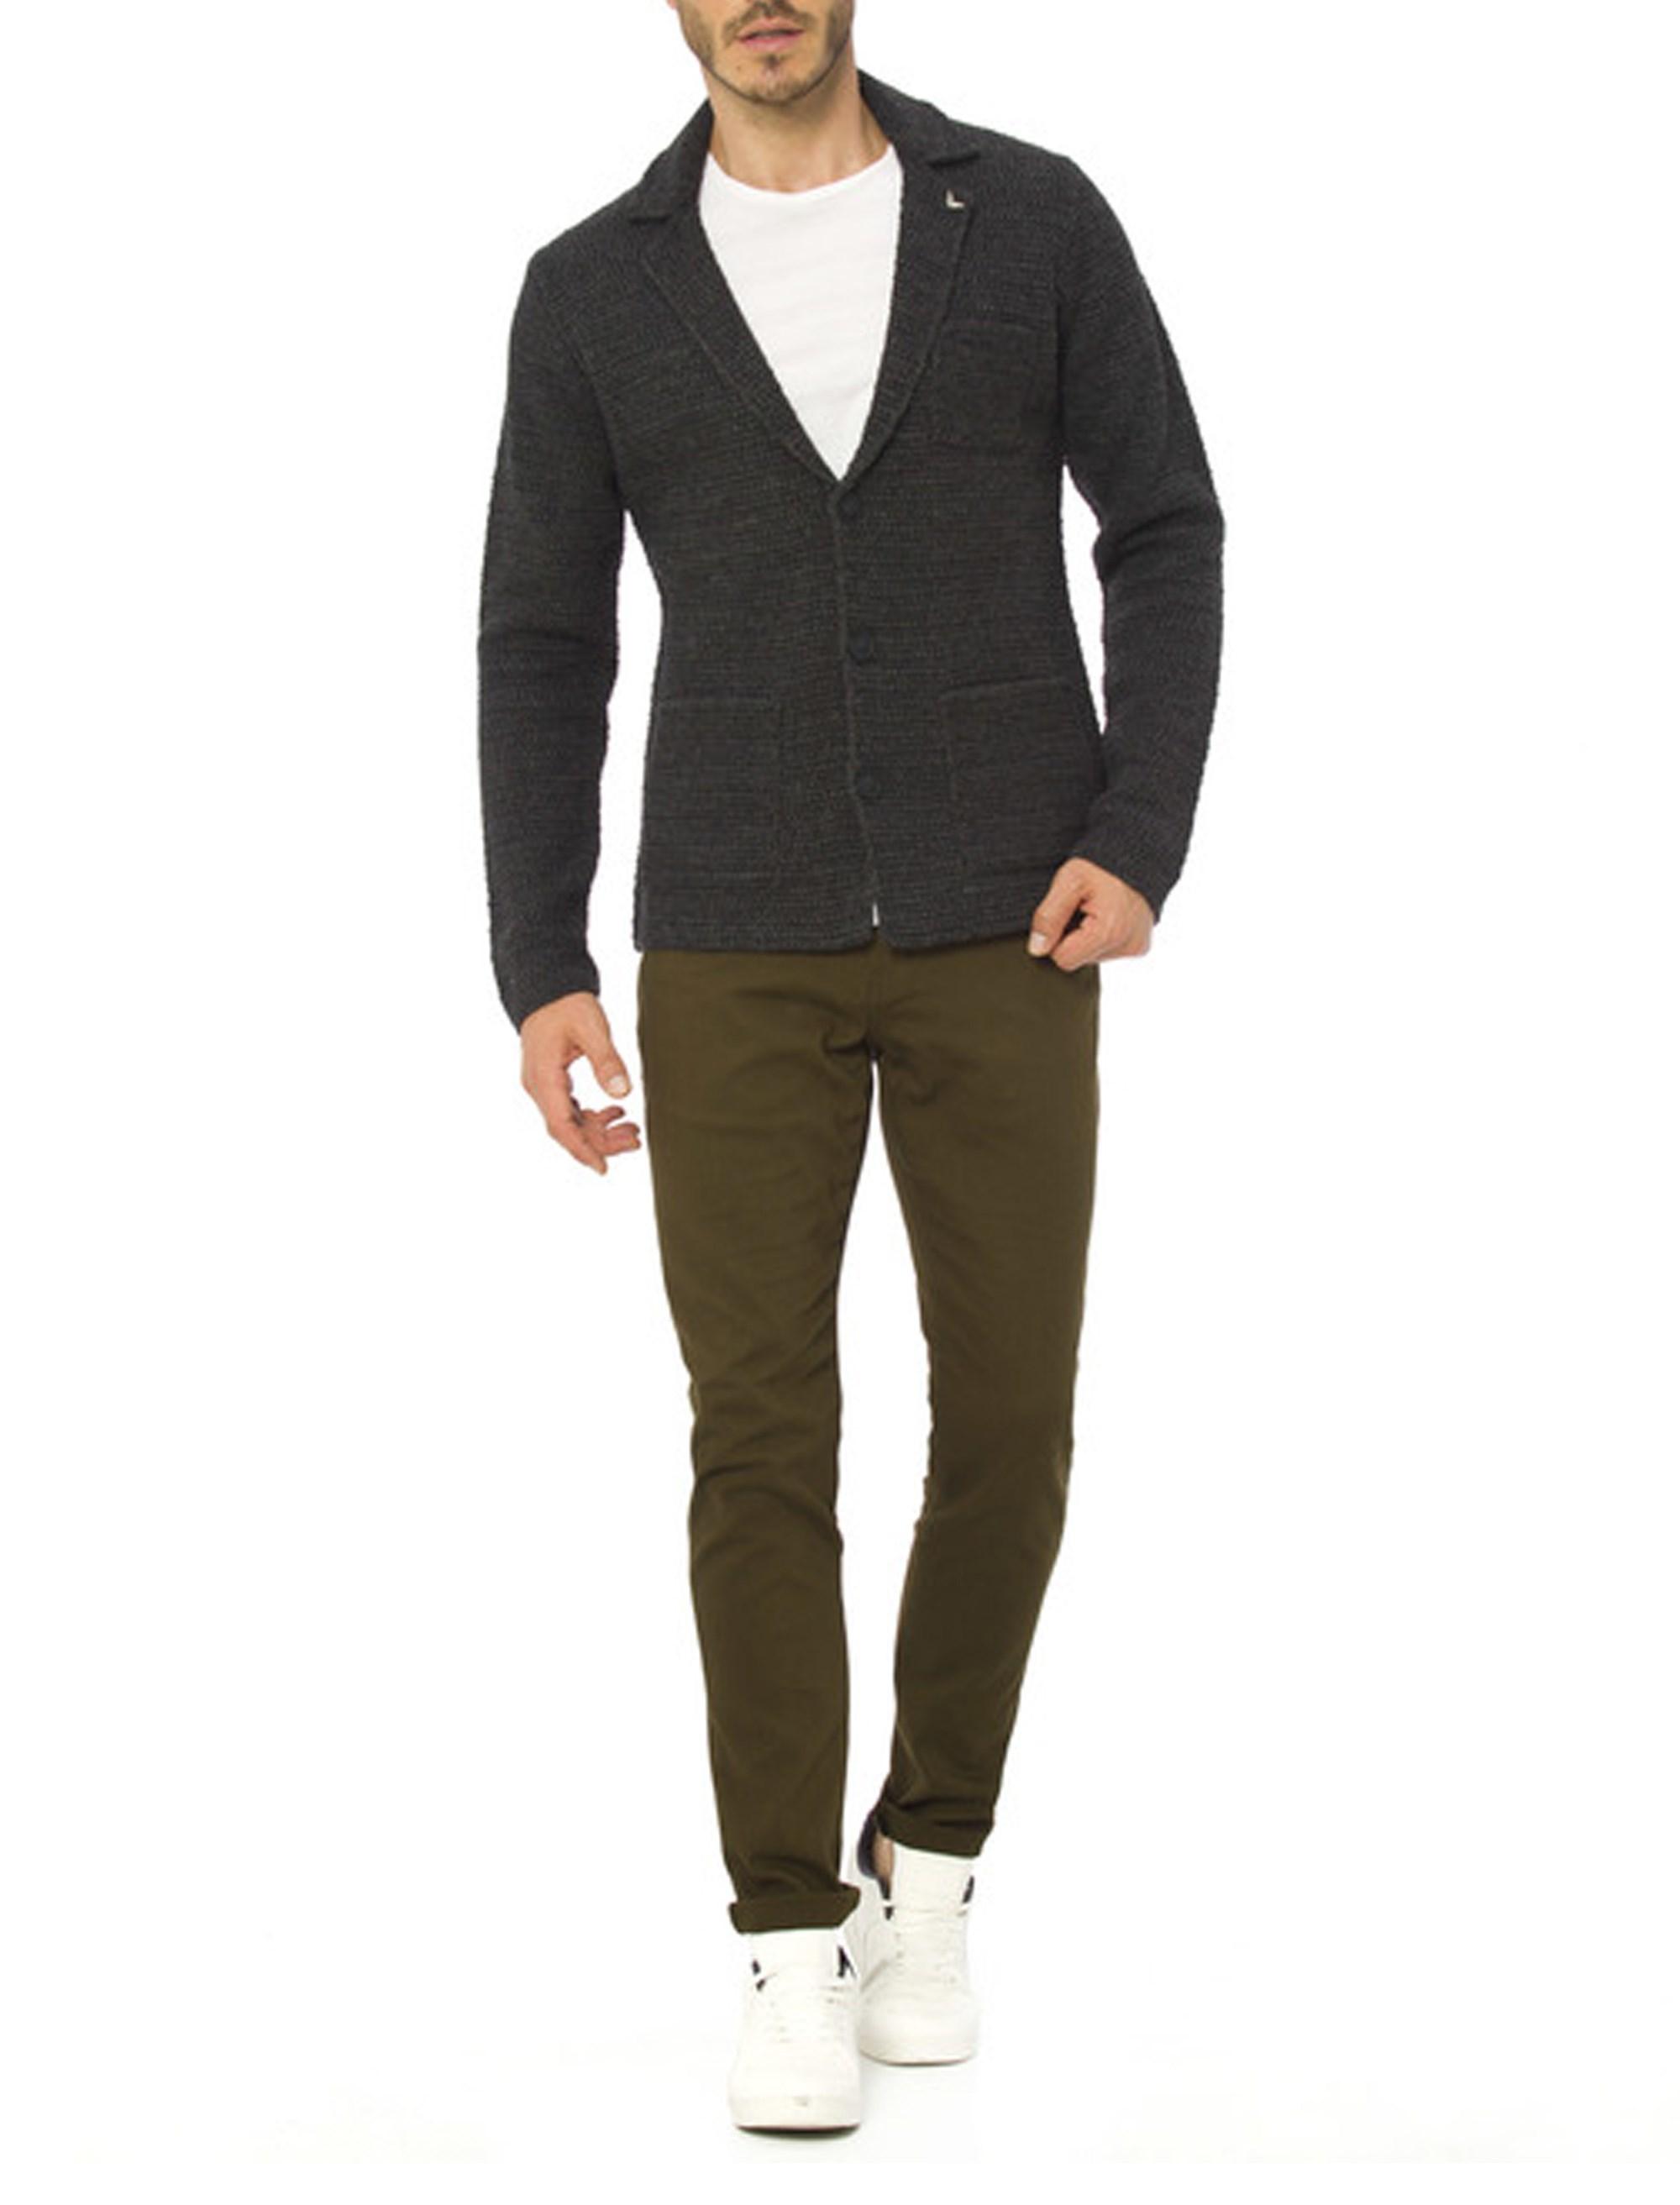 ژاکت دکمه دار مردانه - ال سی وایکیکی - زغالي - 3